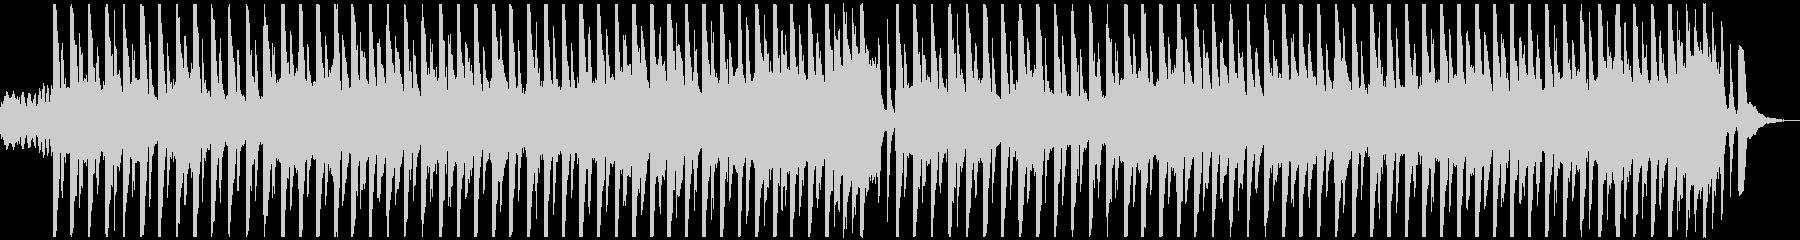 ディズニー風のBGMの未再生の波形